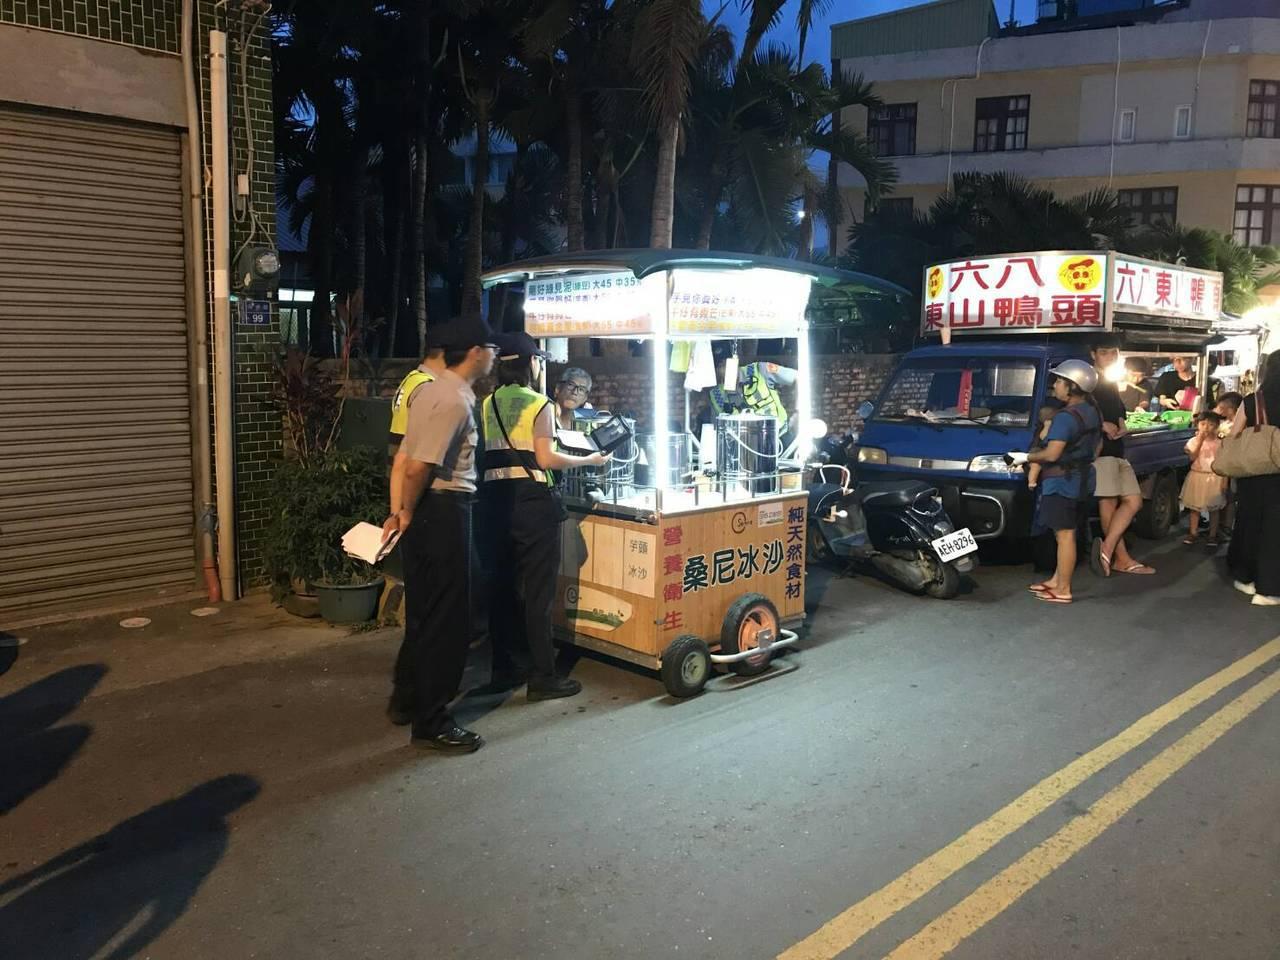 恆春警方昨天在恆春夜市開出81件違規擺攤罰單。記者蔣繼平/翻攝